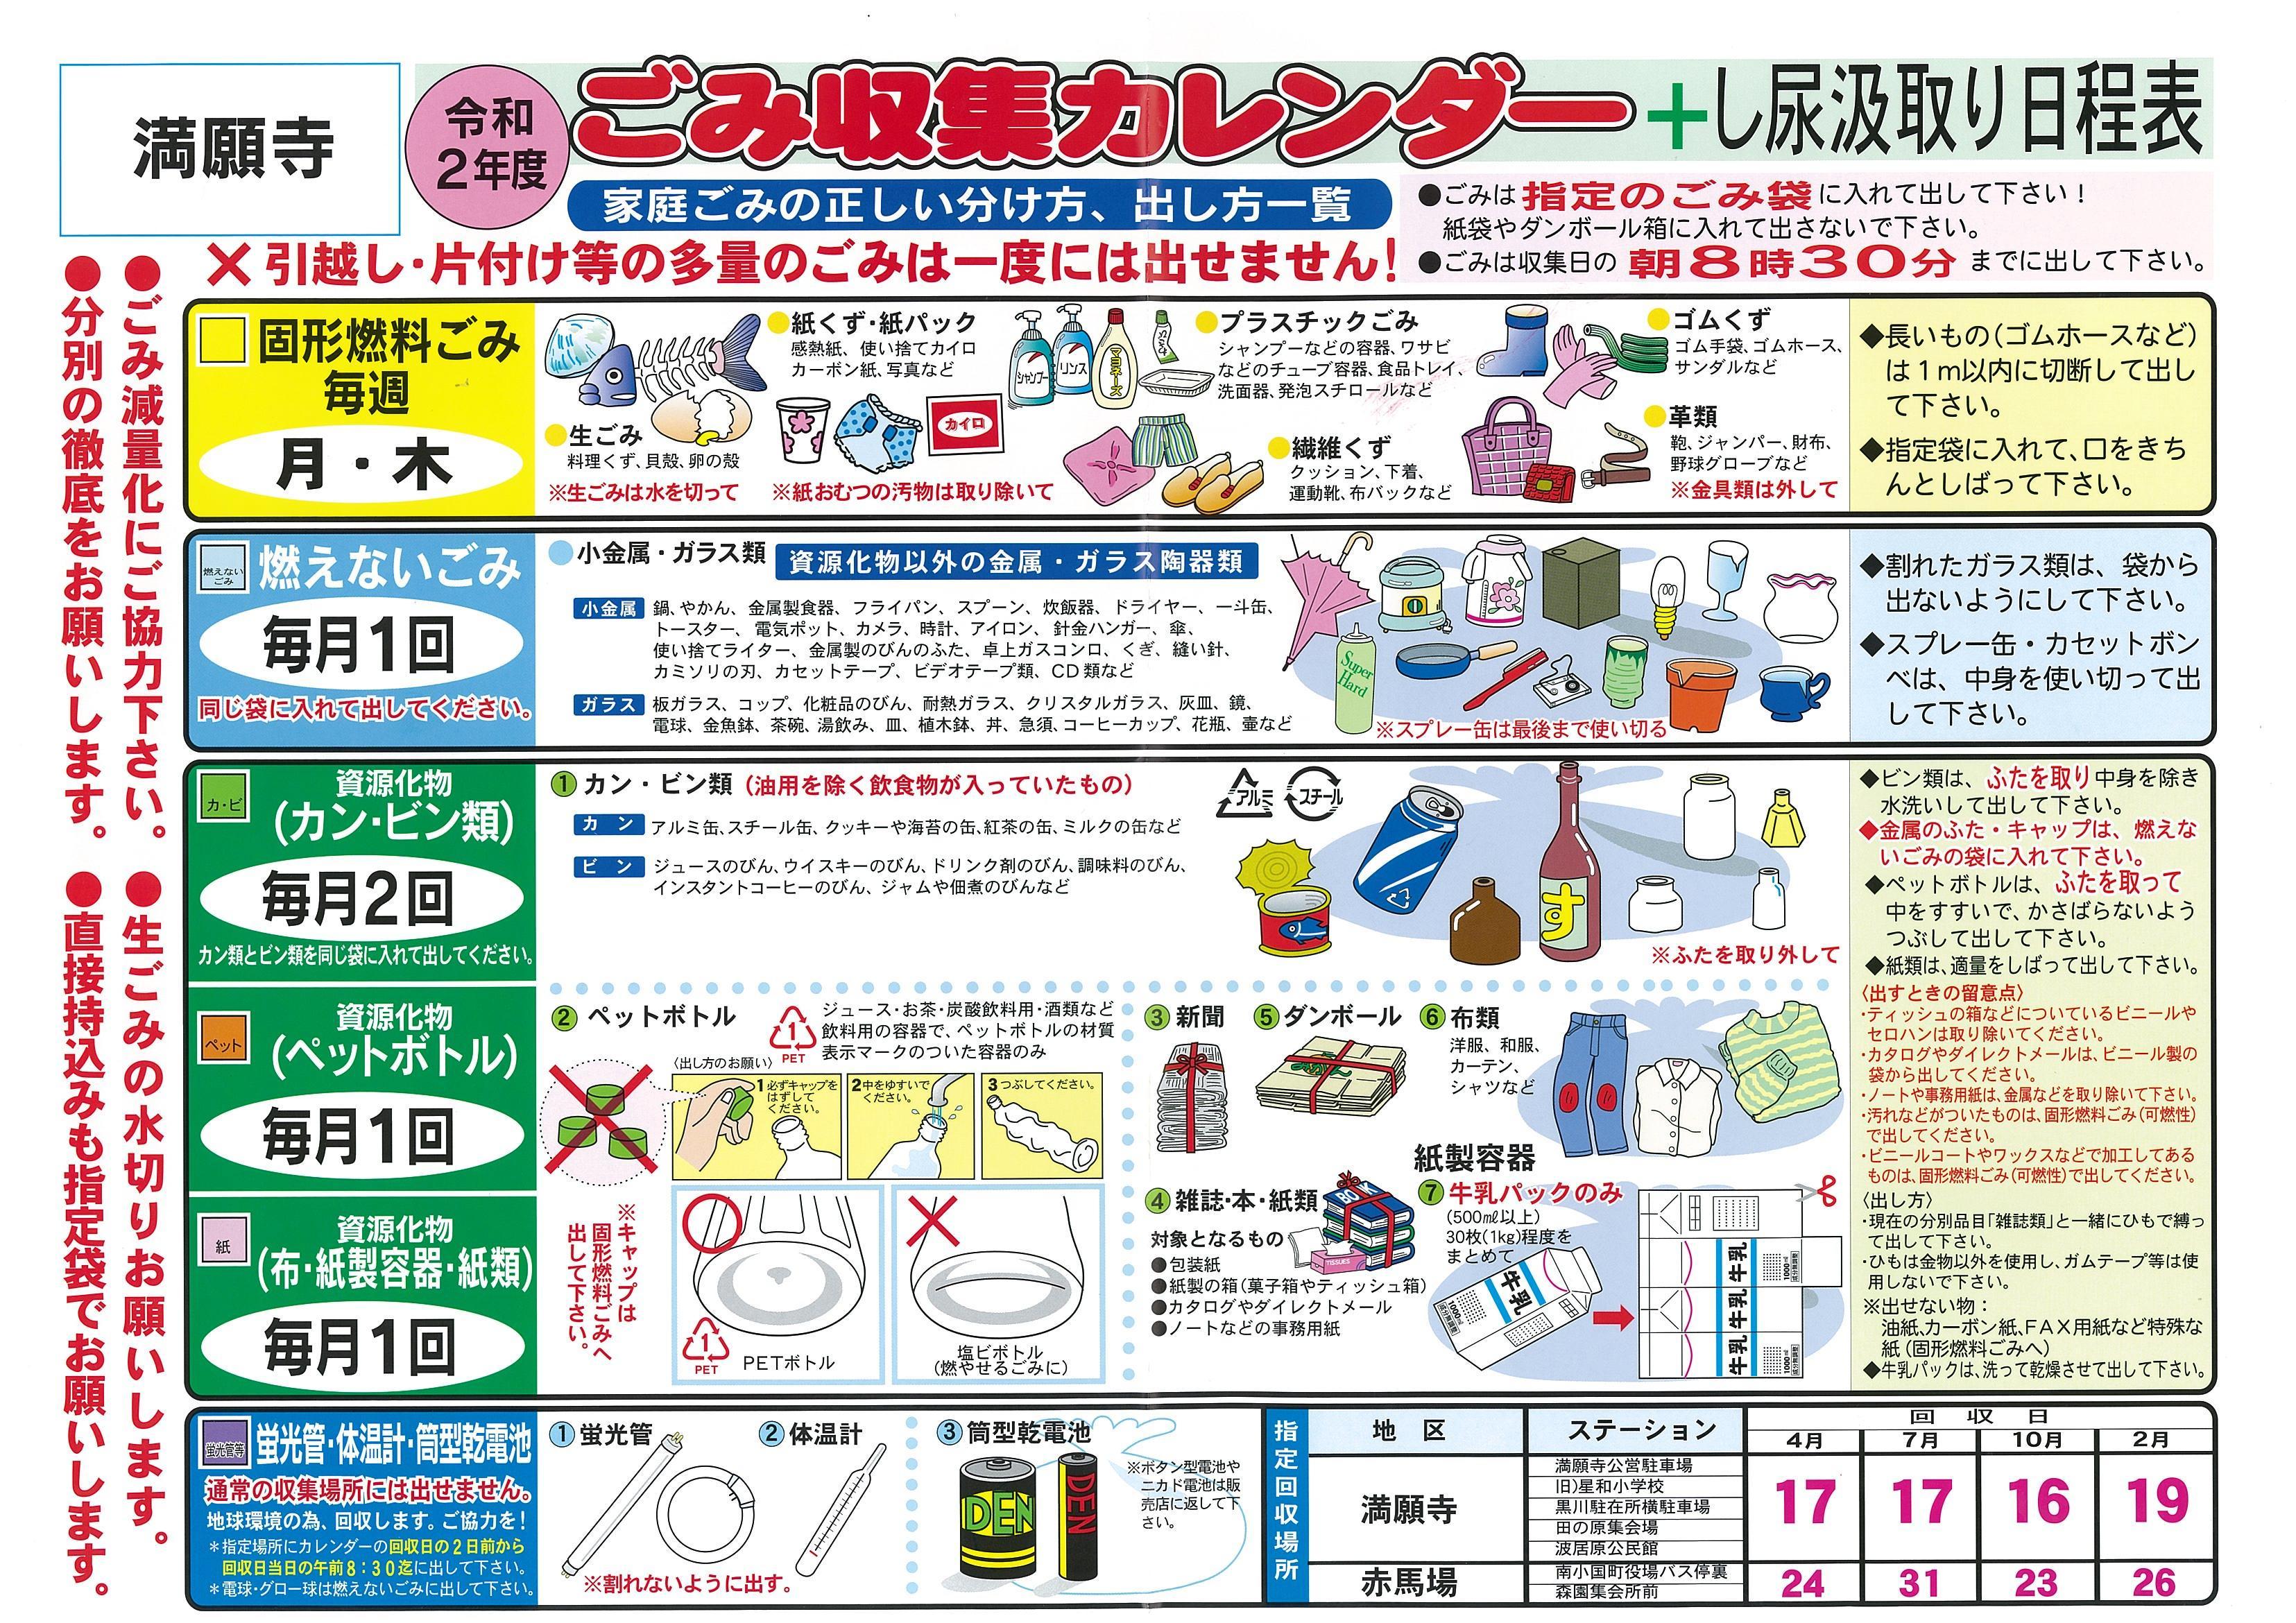 ごみ収集カレンダー+し尿汲取り日程表 2019年4月から2020年3月まで